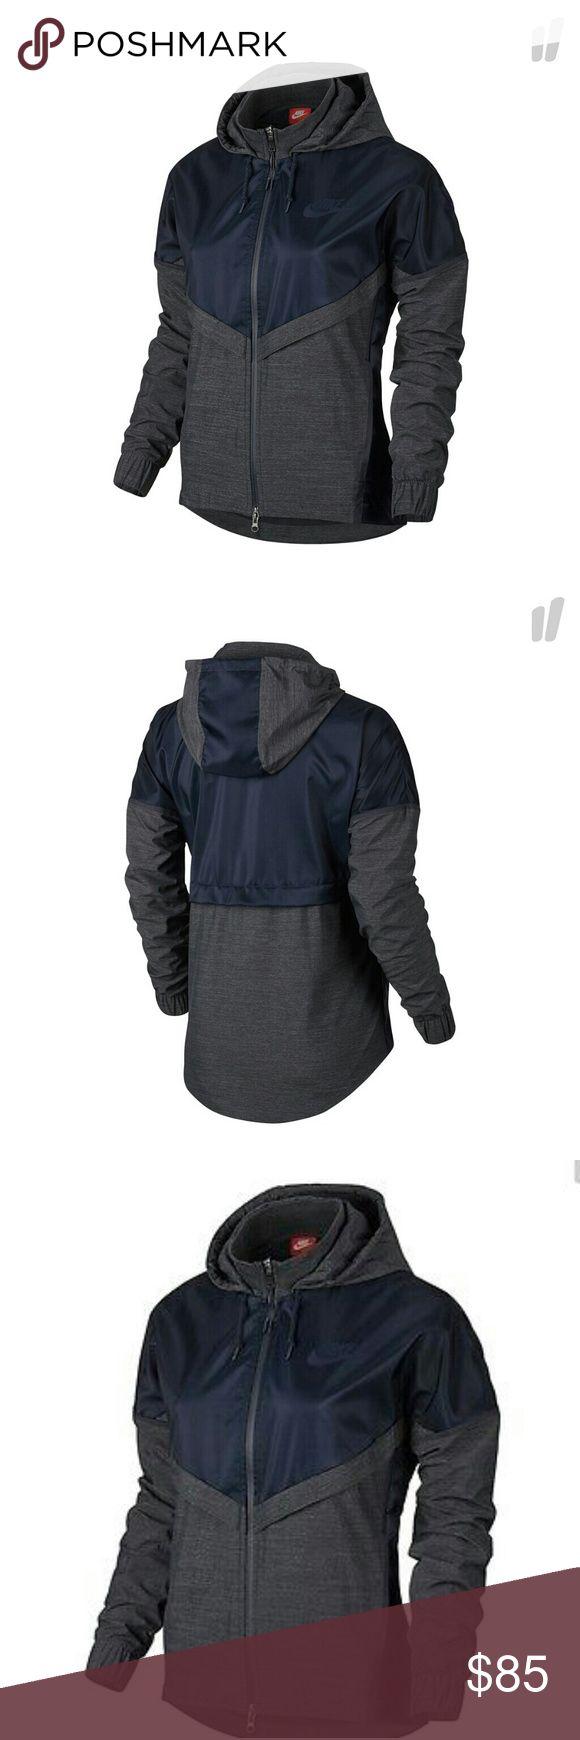 Nwt Nike women's bonded windrunner jacket This is a new womens Nike winrunner jacket size extra large Nike Jackets & Coats